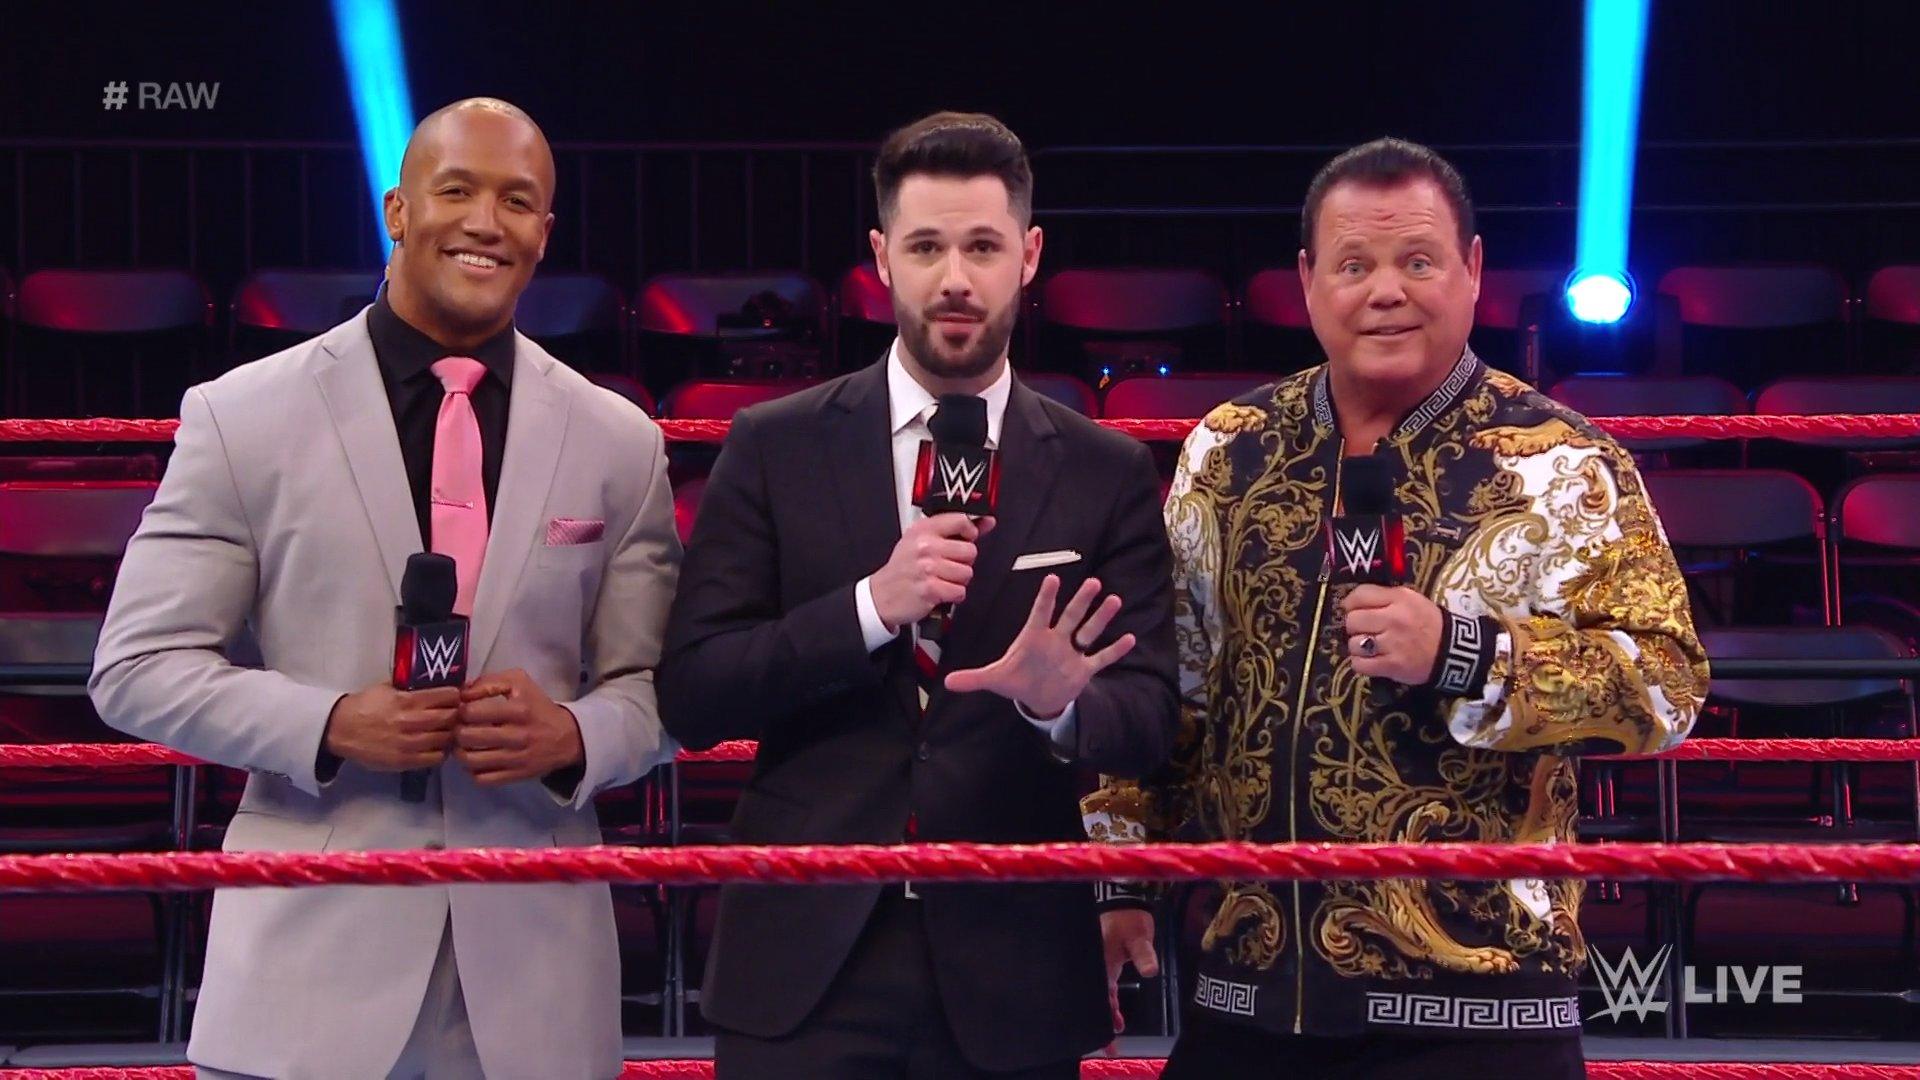 WWE RAW (16 de marzo 2020) | Resultados en vivo | 3:16 Day 1